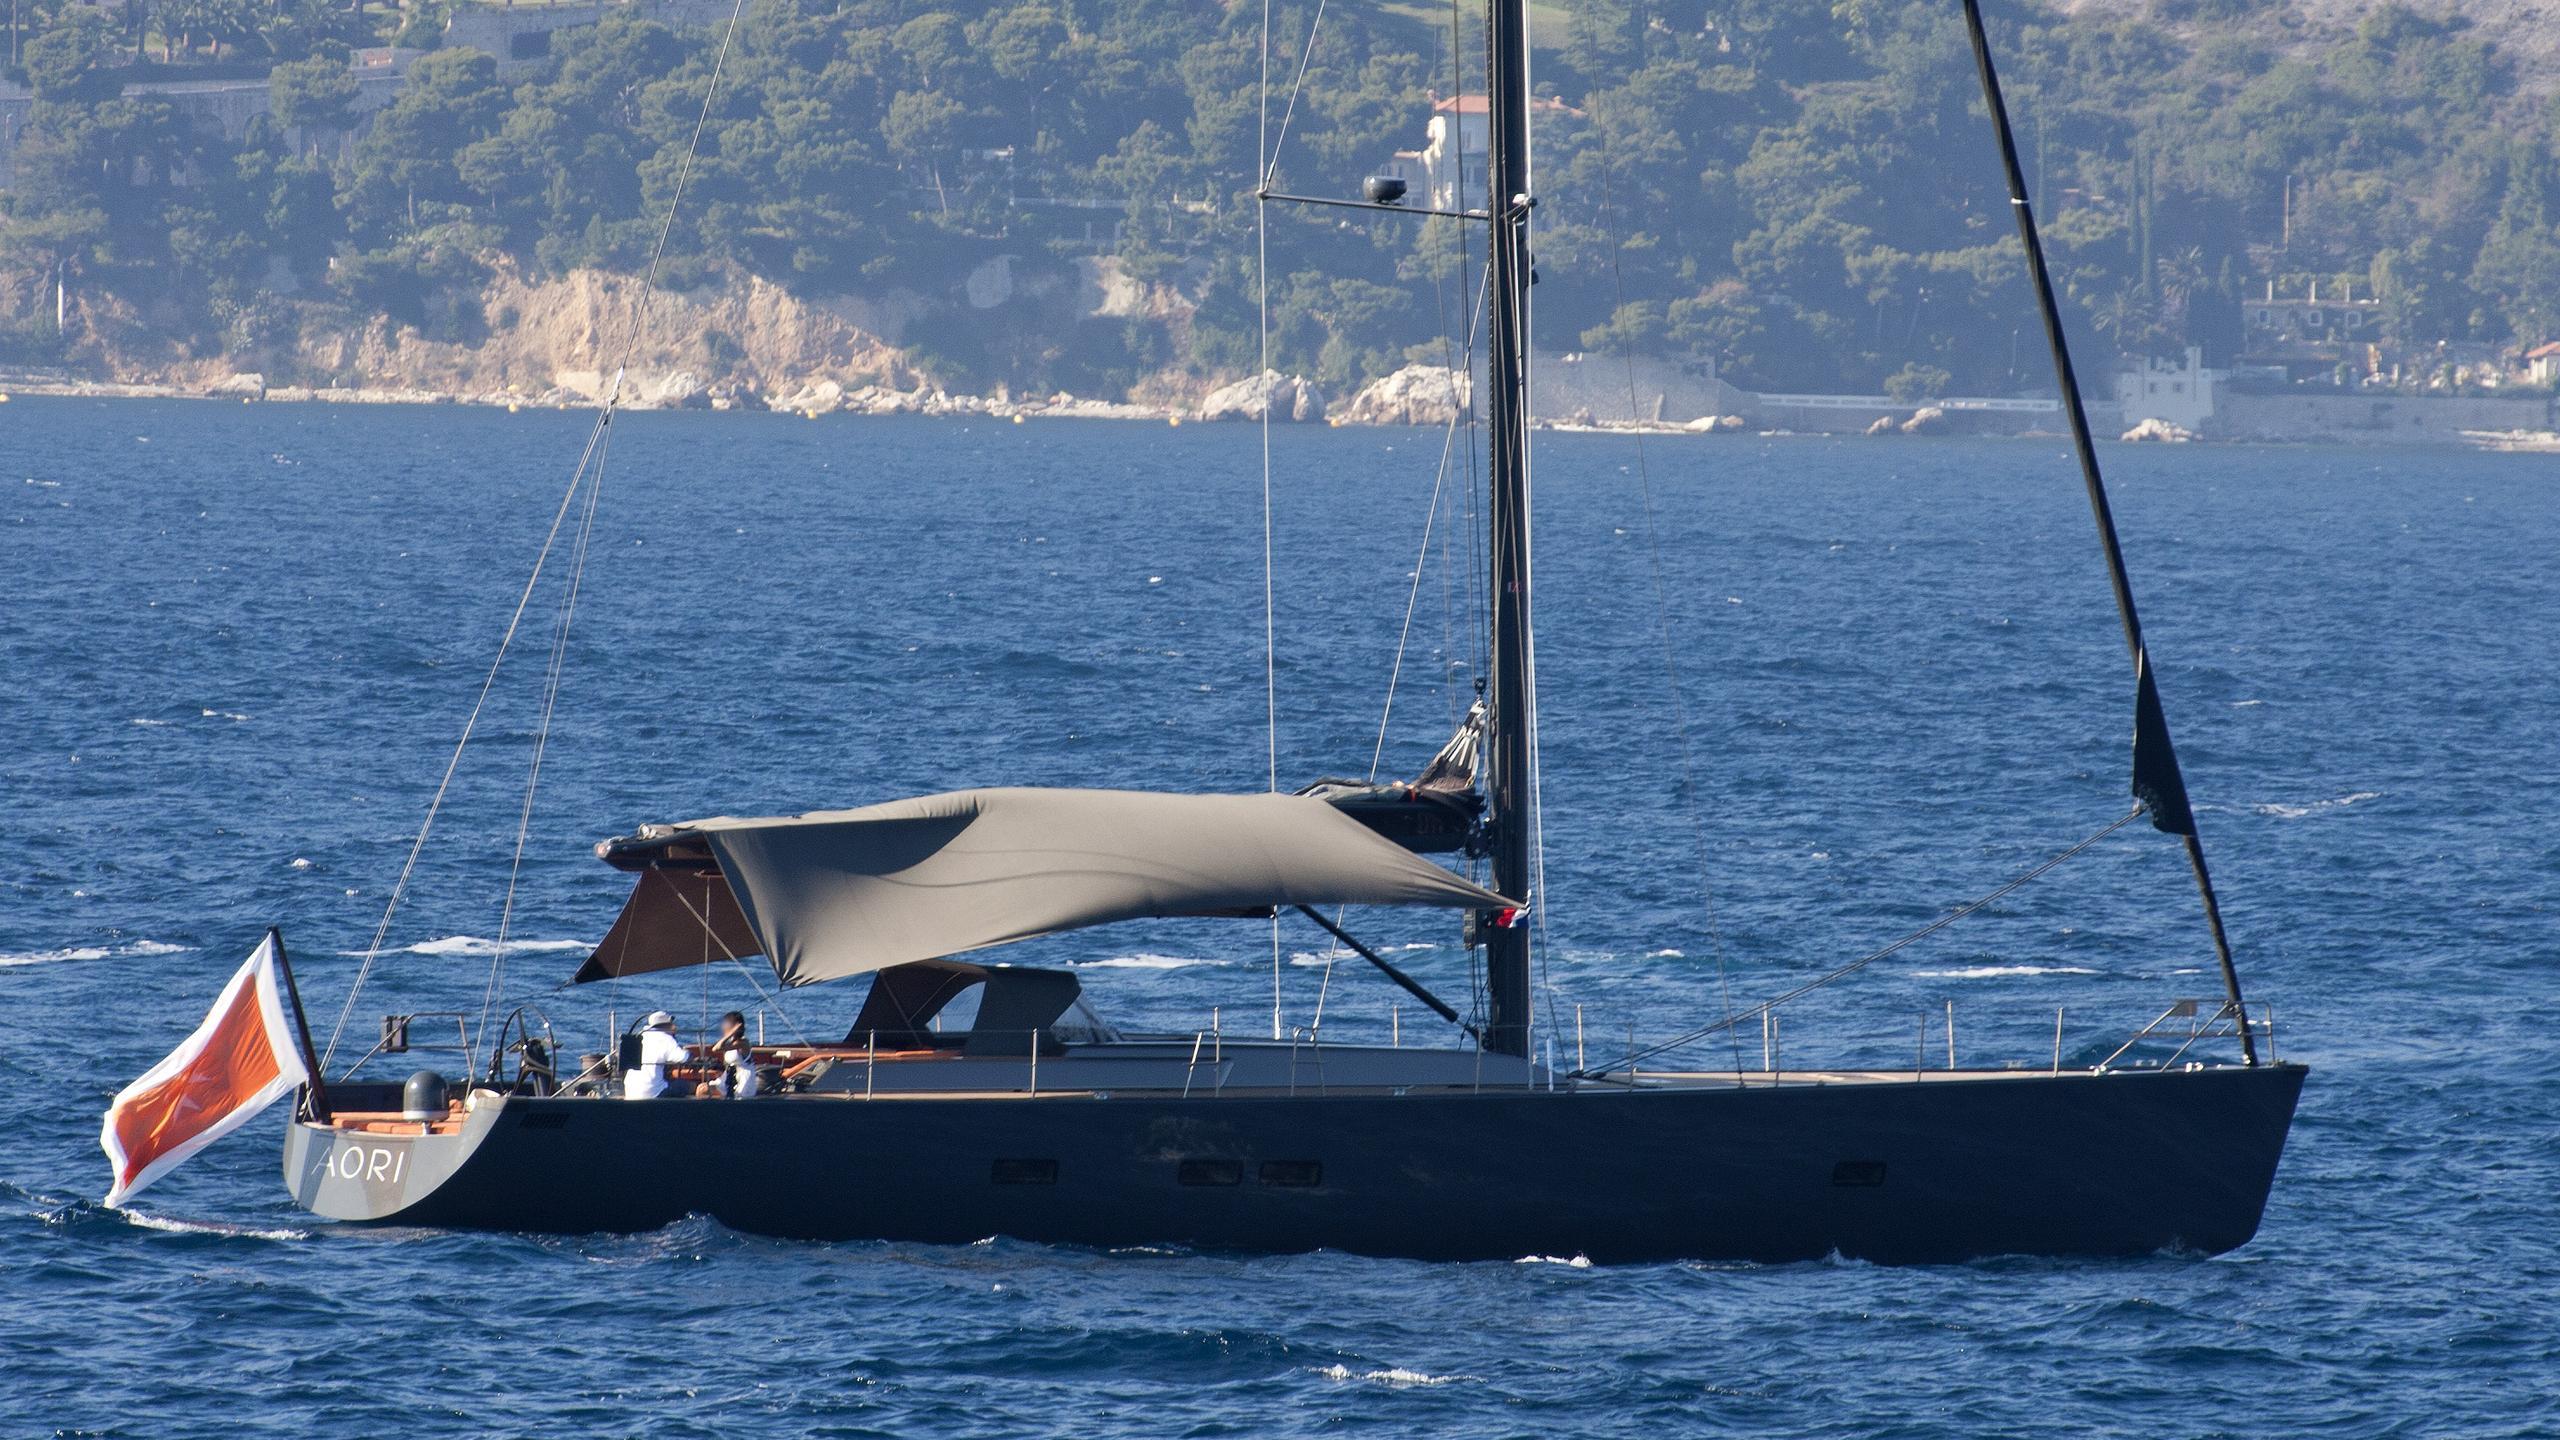 aori-yacht-exterior